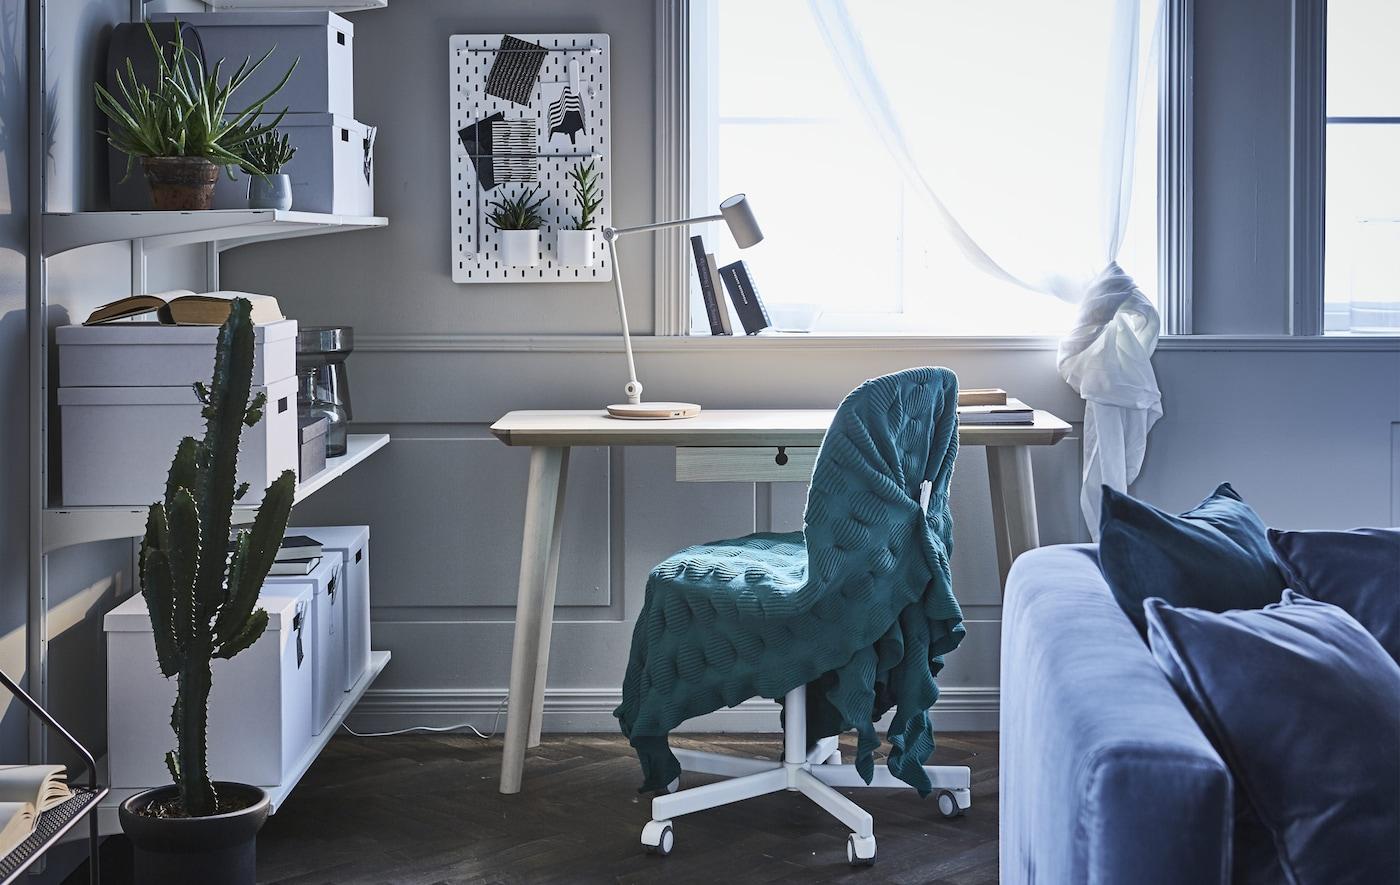 Créez un coin bureau moderne dans votre séjour avec du mobilier contemporain ! Faites en sorte que la chaise se fonde dans le décor, emballez-la dans un plaid vert! IKEA propose un vaste choix de chaises de bureau, comme la chaise pivotante ÖRFJÄLL/SPORREN.